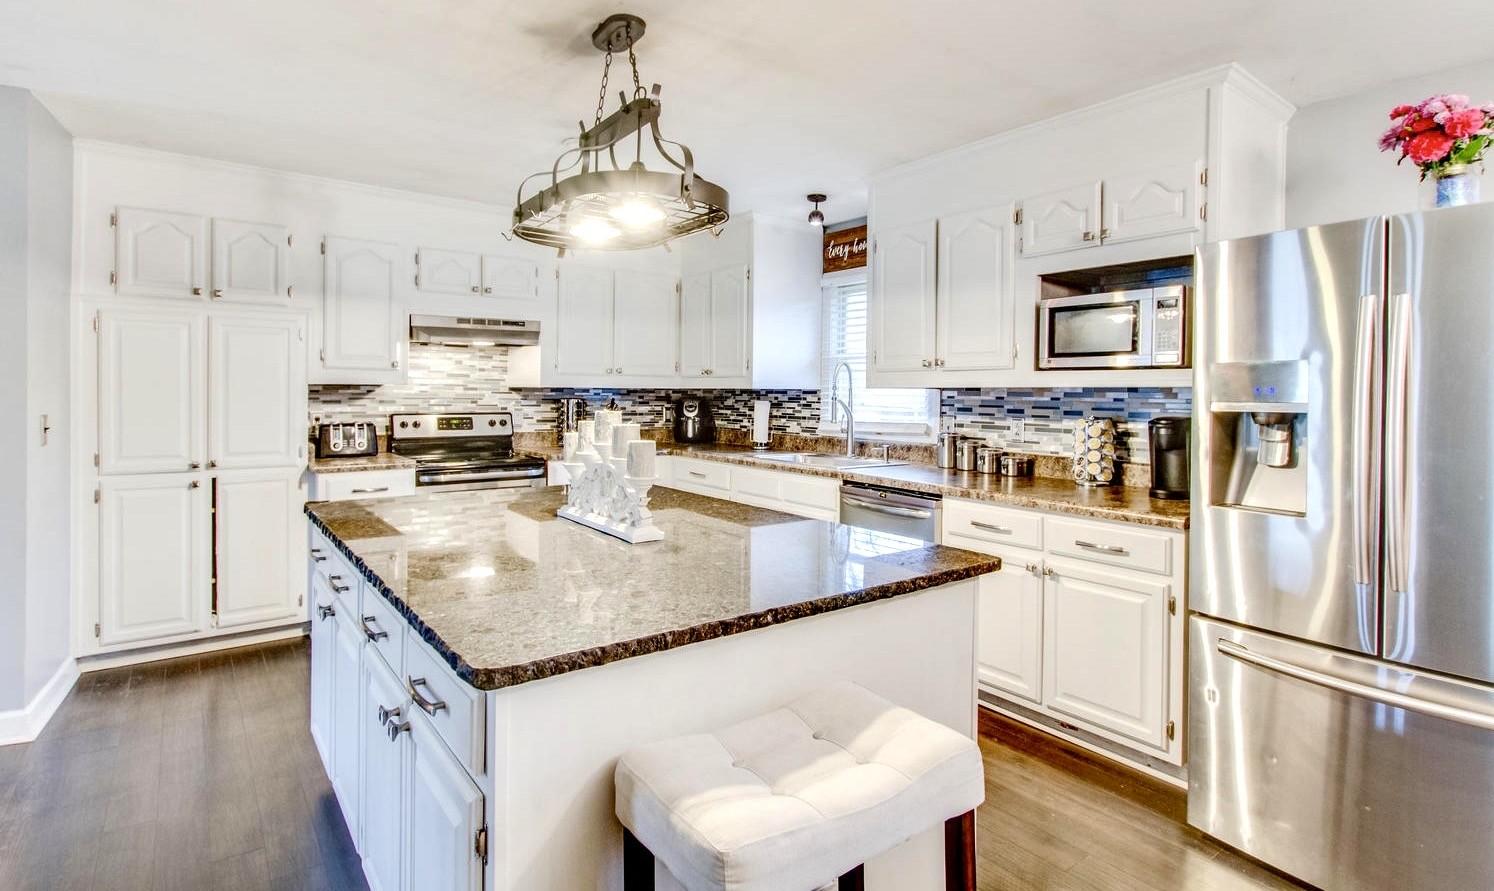 9709 Old Nashville Hwy, Smyrna, TN 37167 - Smyrna, TN real estate listing